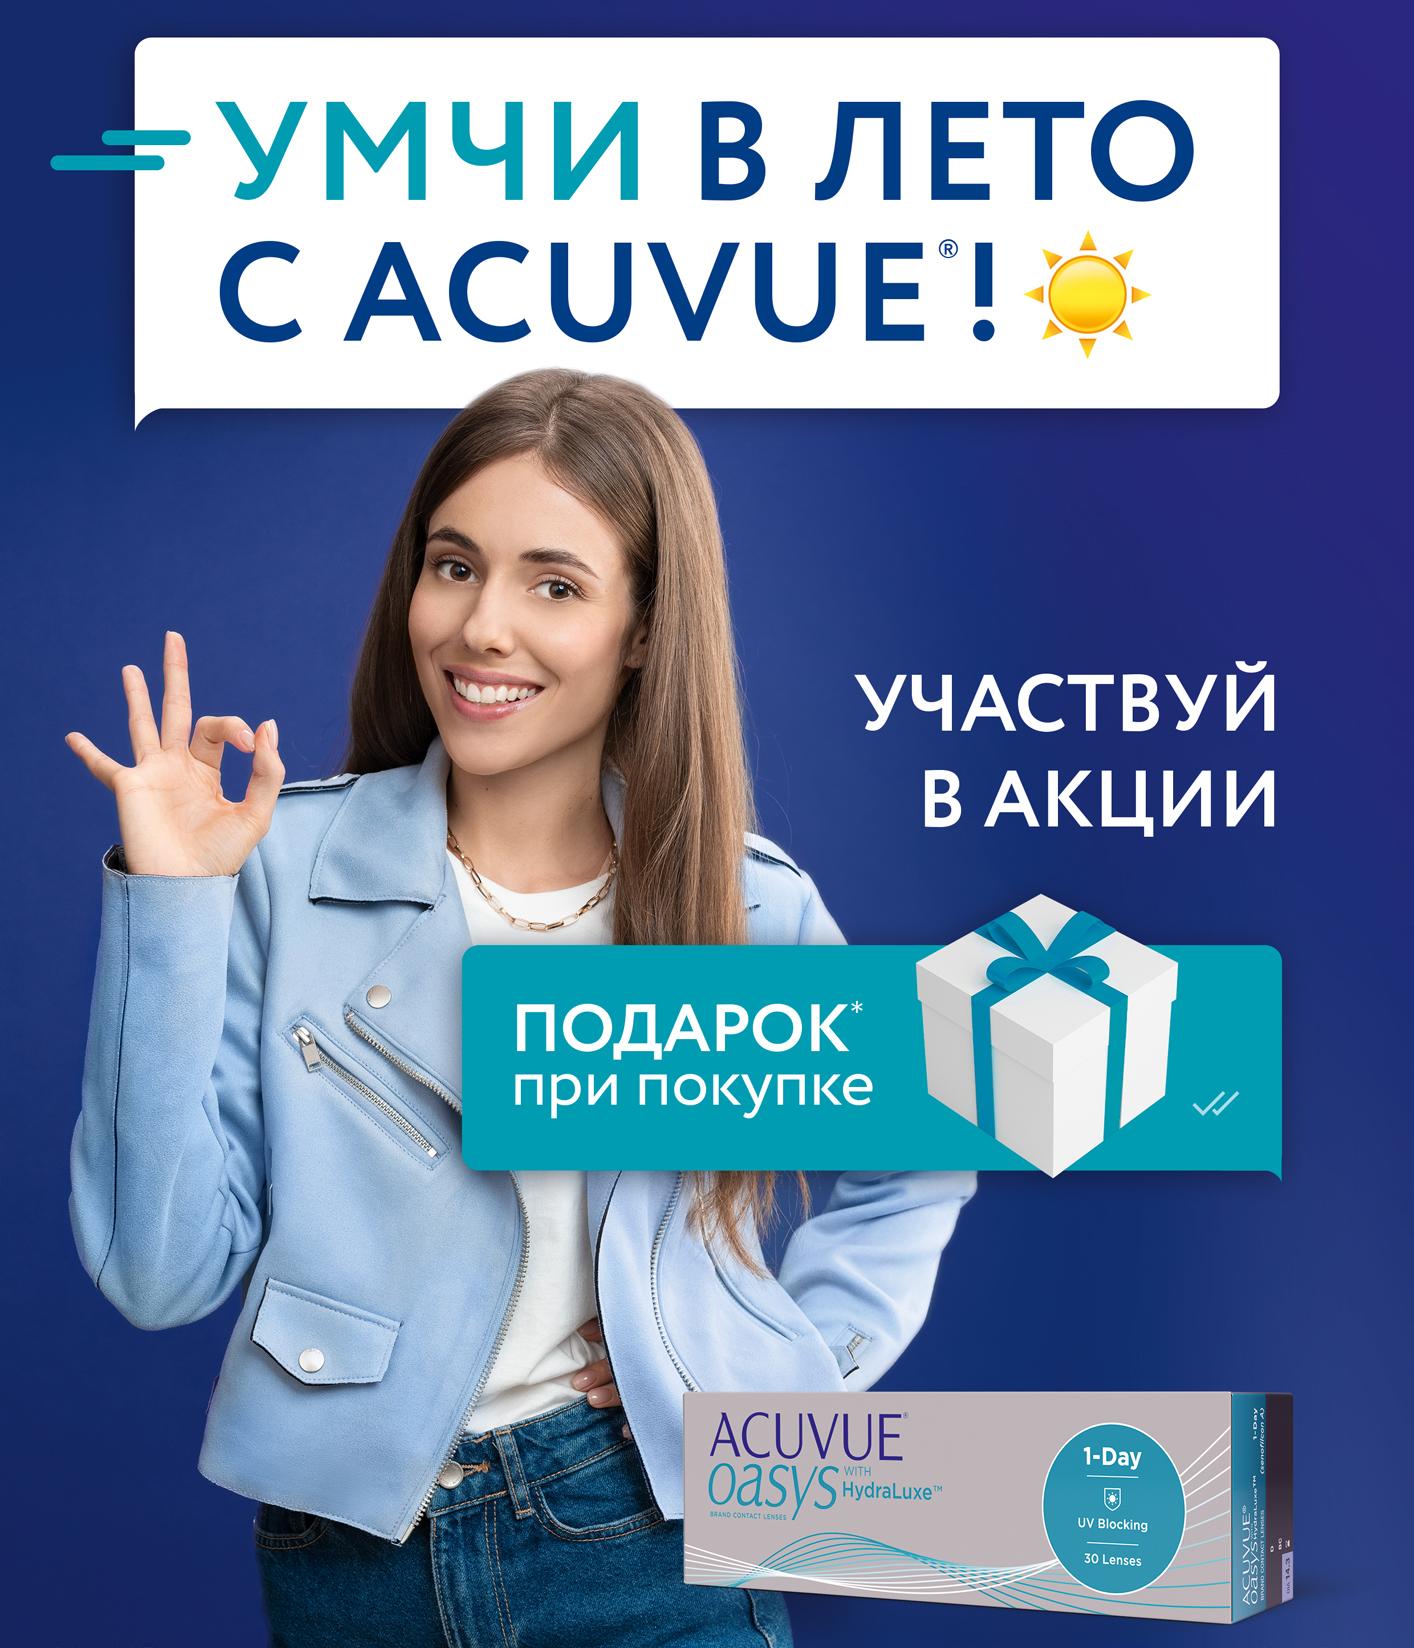 Умчи_в_лето_с_Acuvue_Постер_A4_Без_самоката